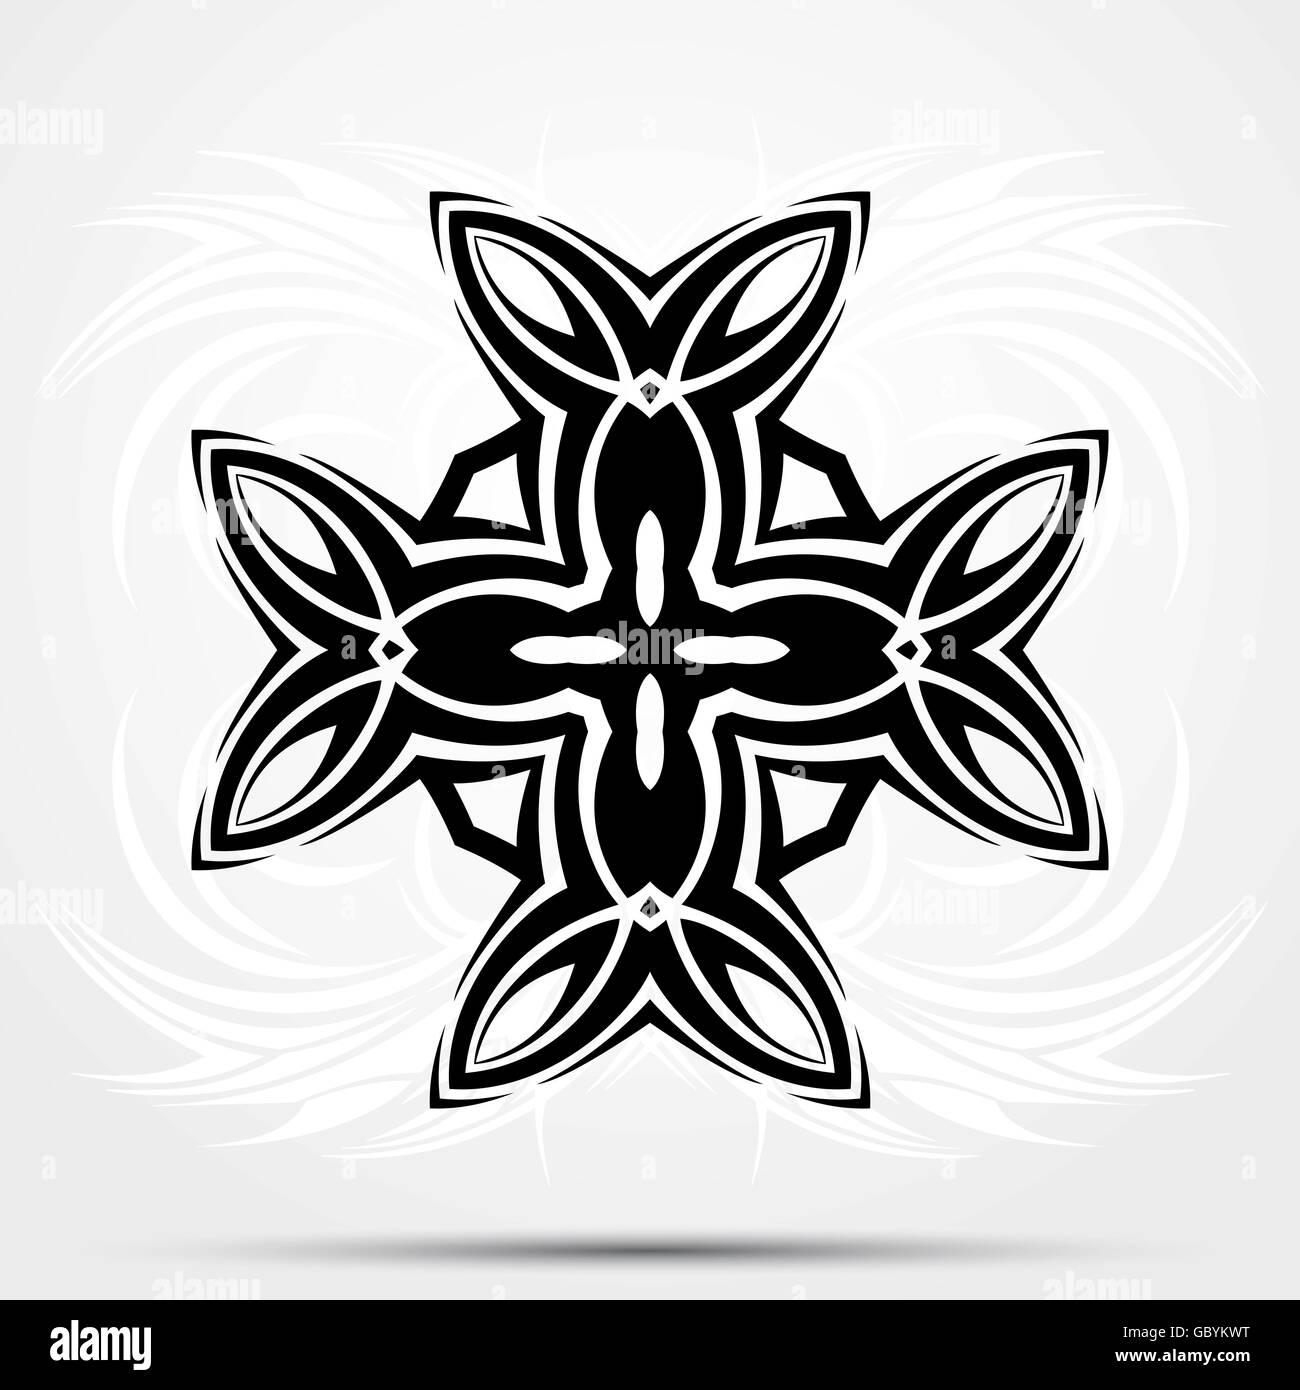 Tatouage Tribal Abstrait Croix Celtique Vecteurs Et Illustration